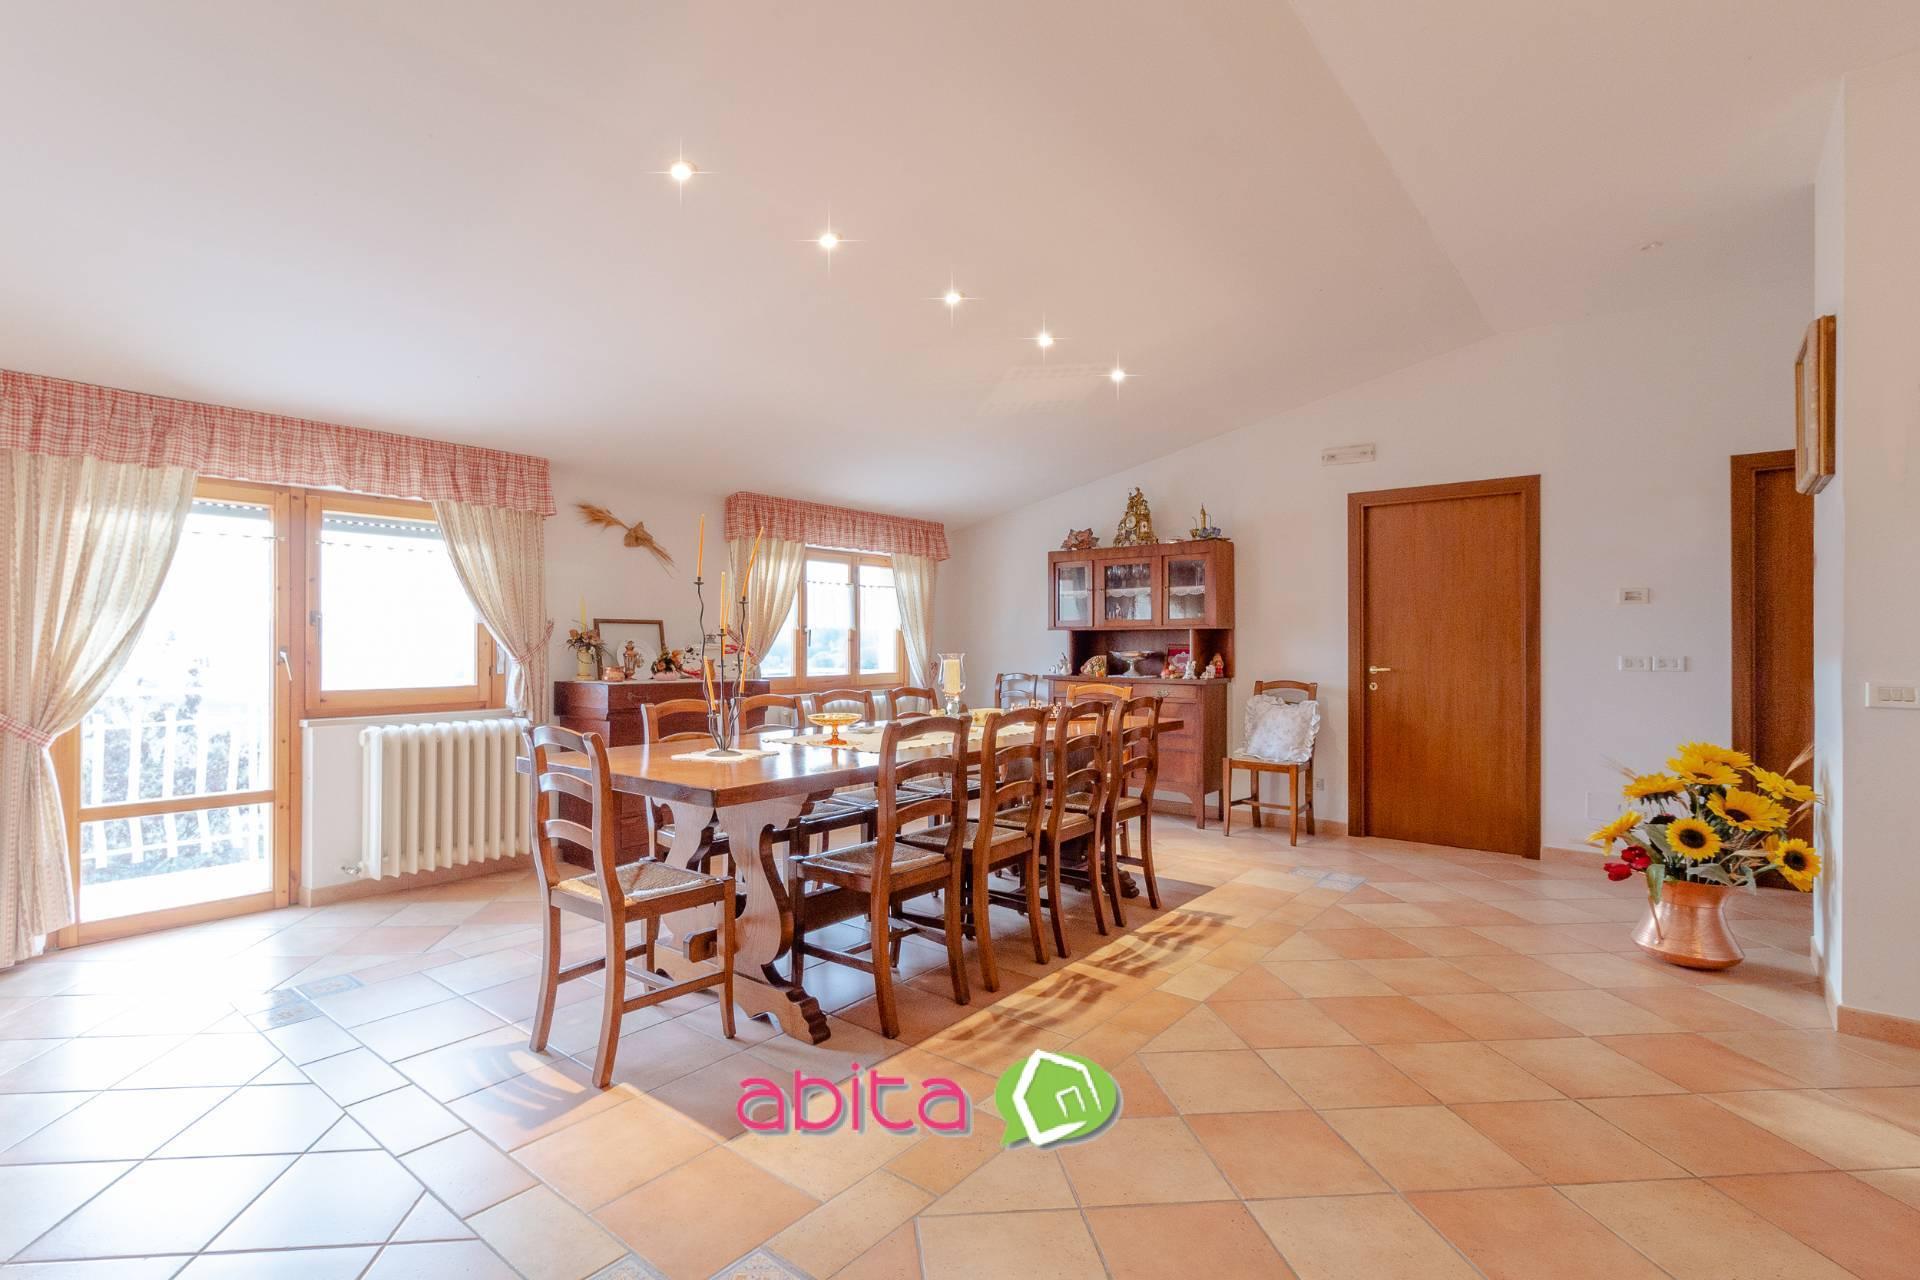 Appartamento in vendita a Spinetoli, 9 locali, prezzo € 195.000   CambioCasa.it